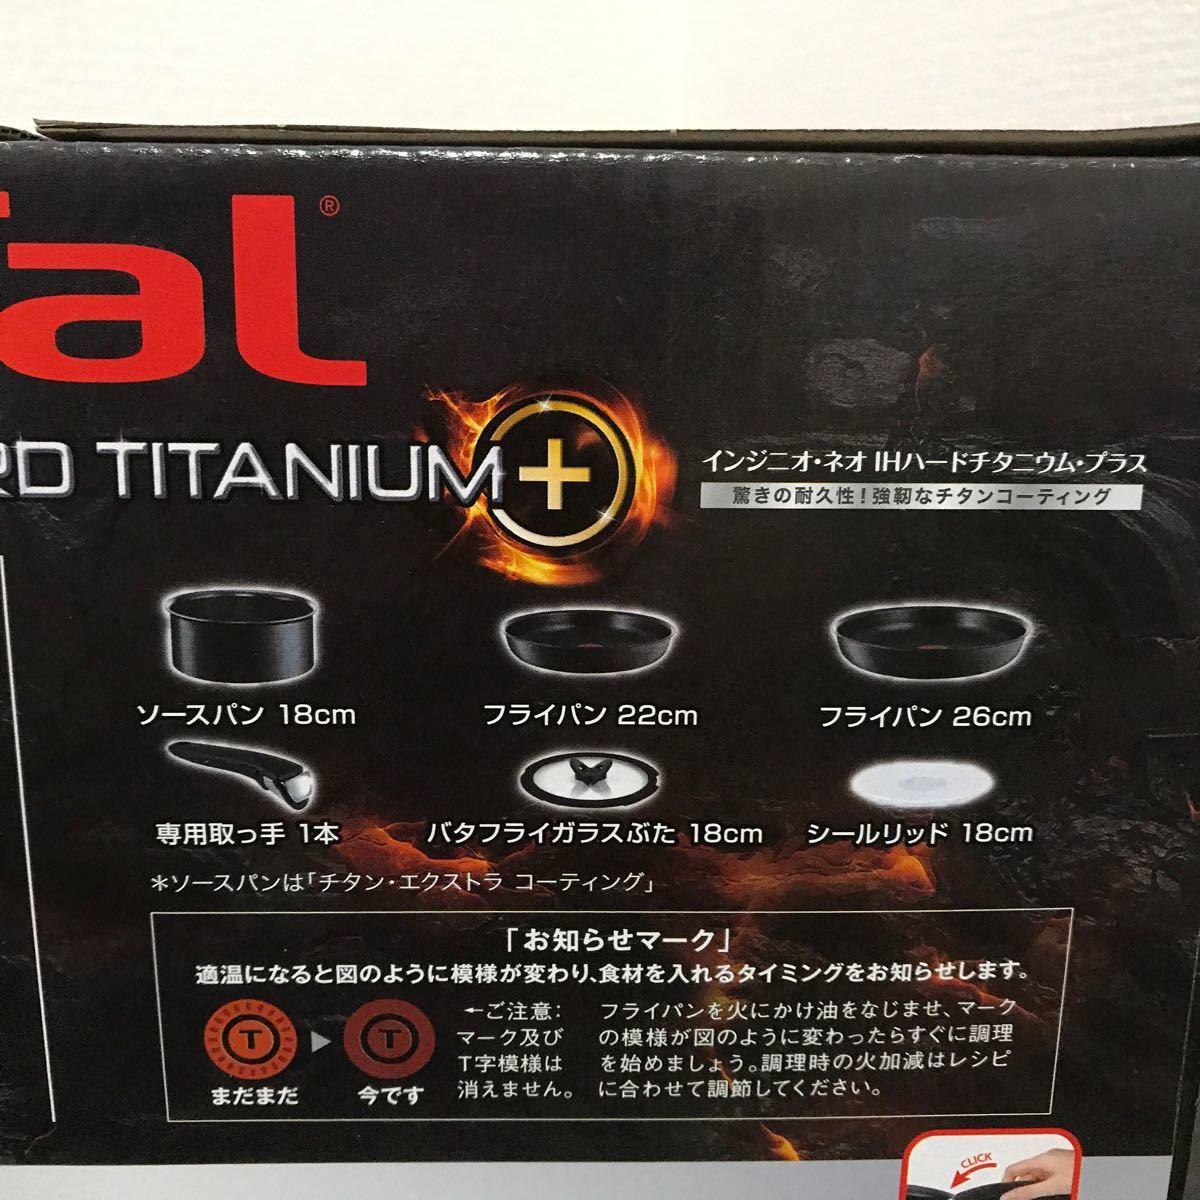 【新品未開封】ティファール インジニオネオ ハードチタニウムプラス 6点 IH対応